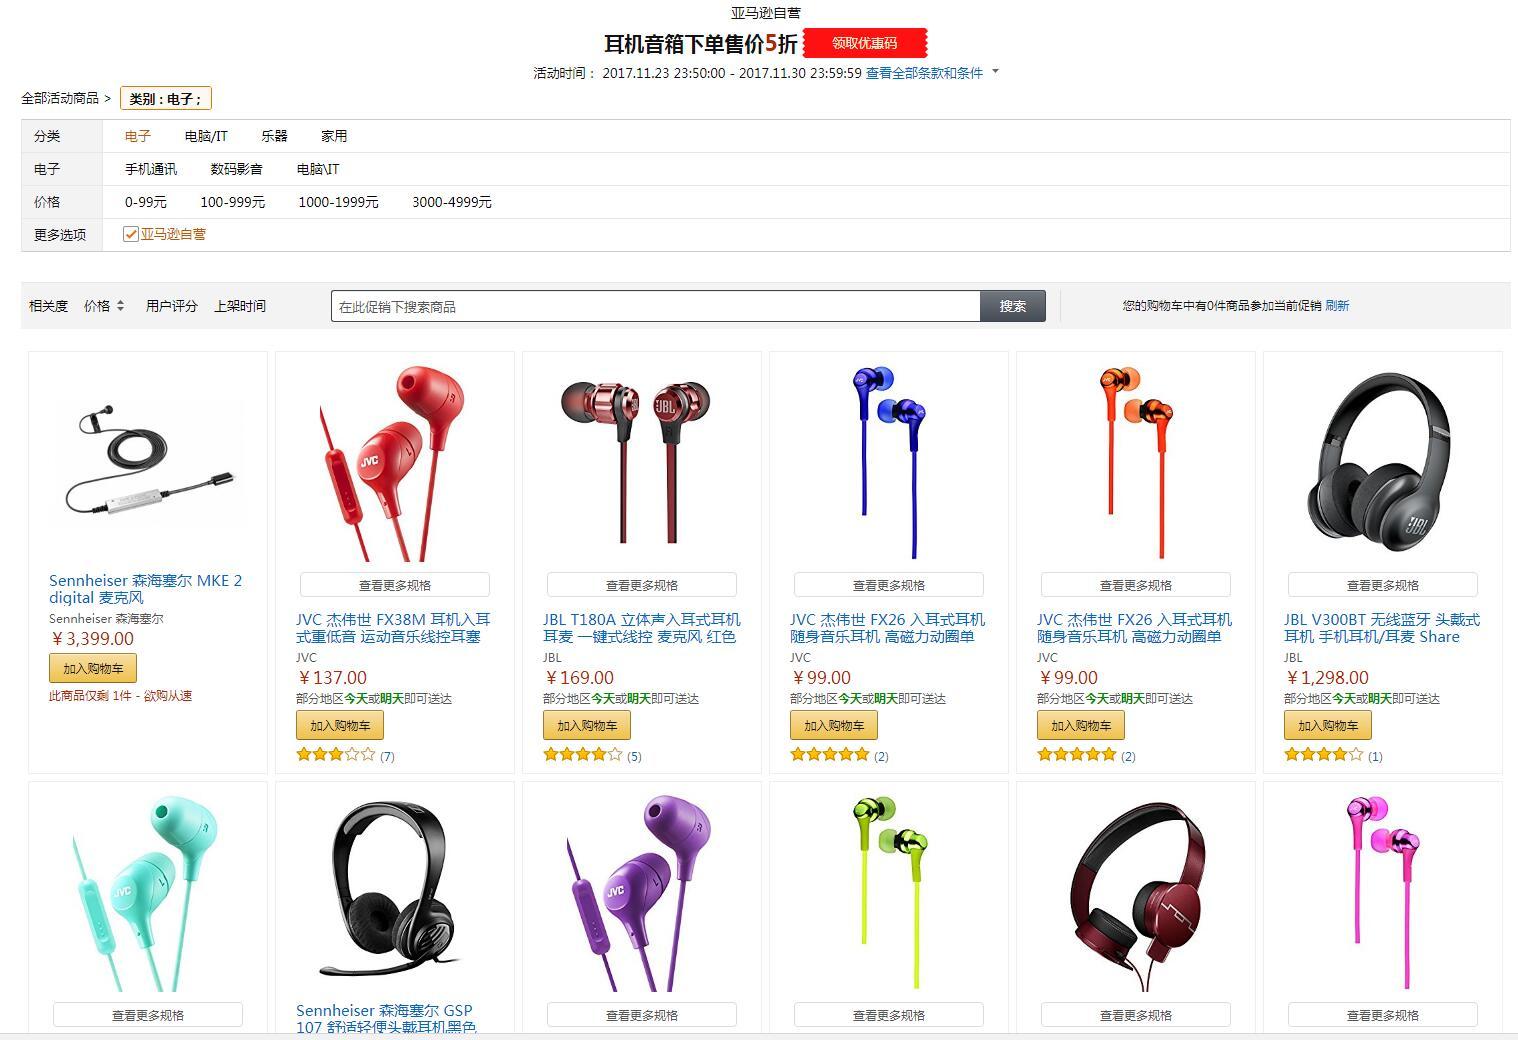 2017黑五,海外购推荐!亚马逊中国 部分耳机音箱下单5折   多款索尼产品好价